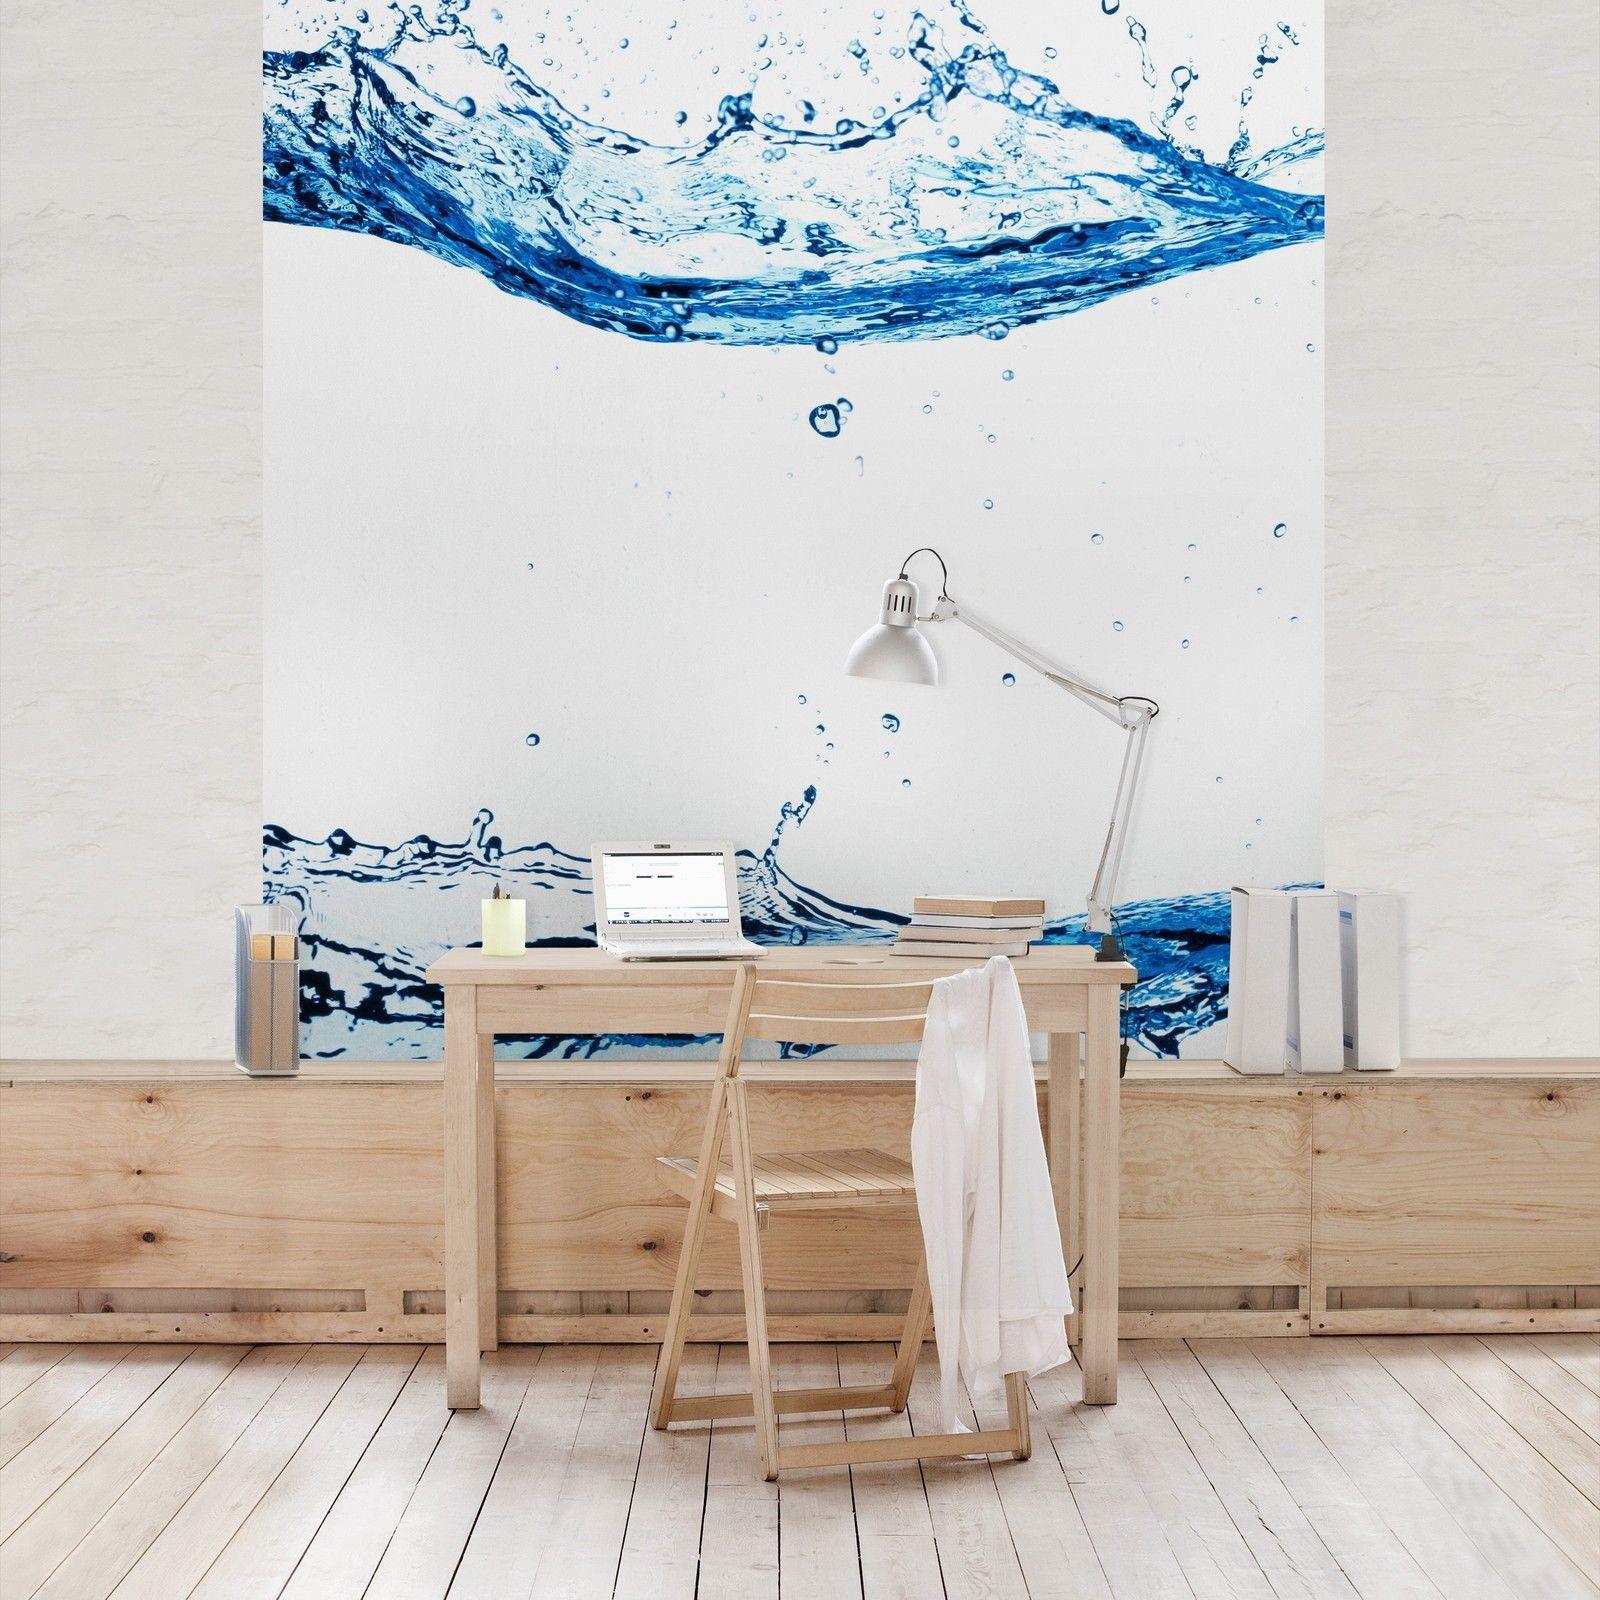 Vliestapete Wasserwelten Fototapete Quadrat eBay (mit